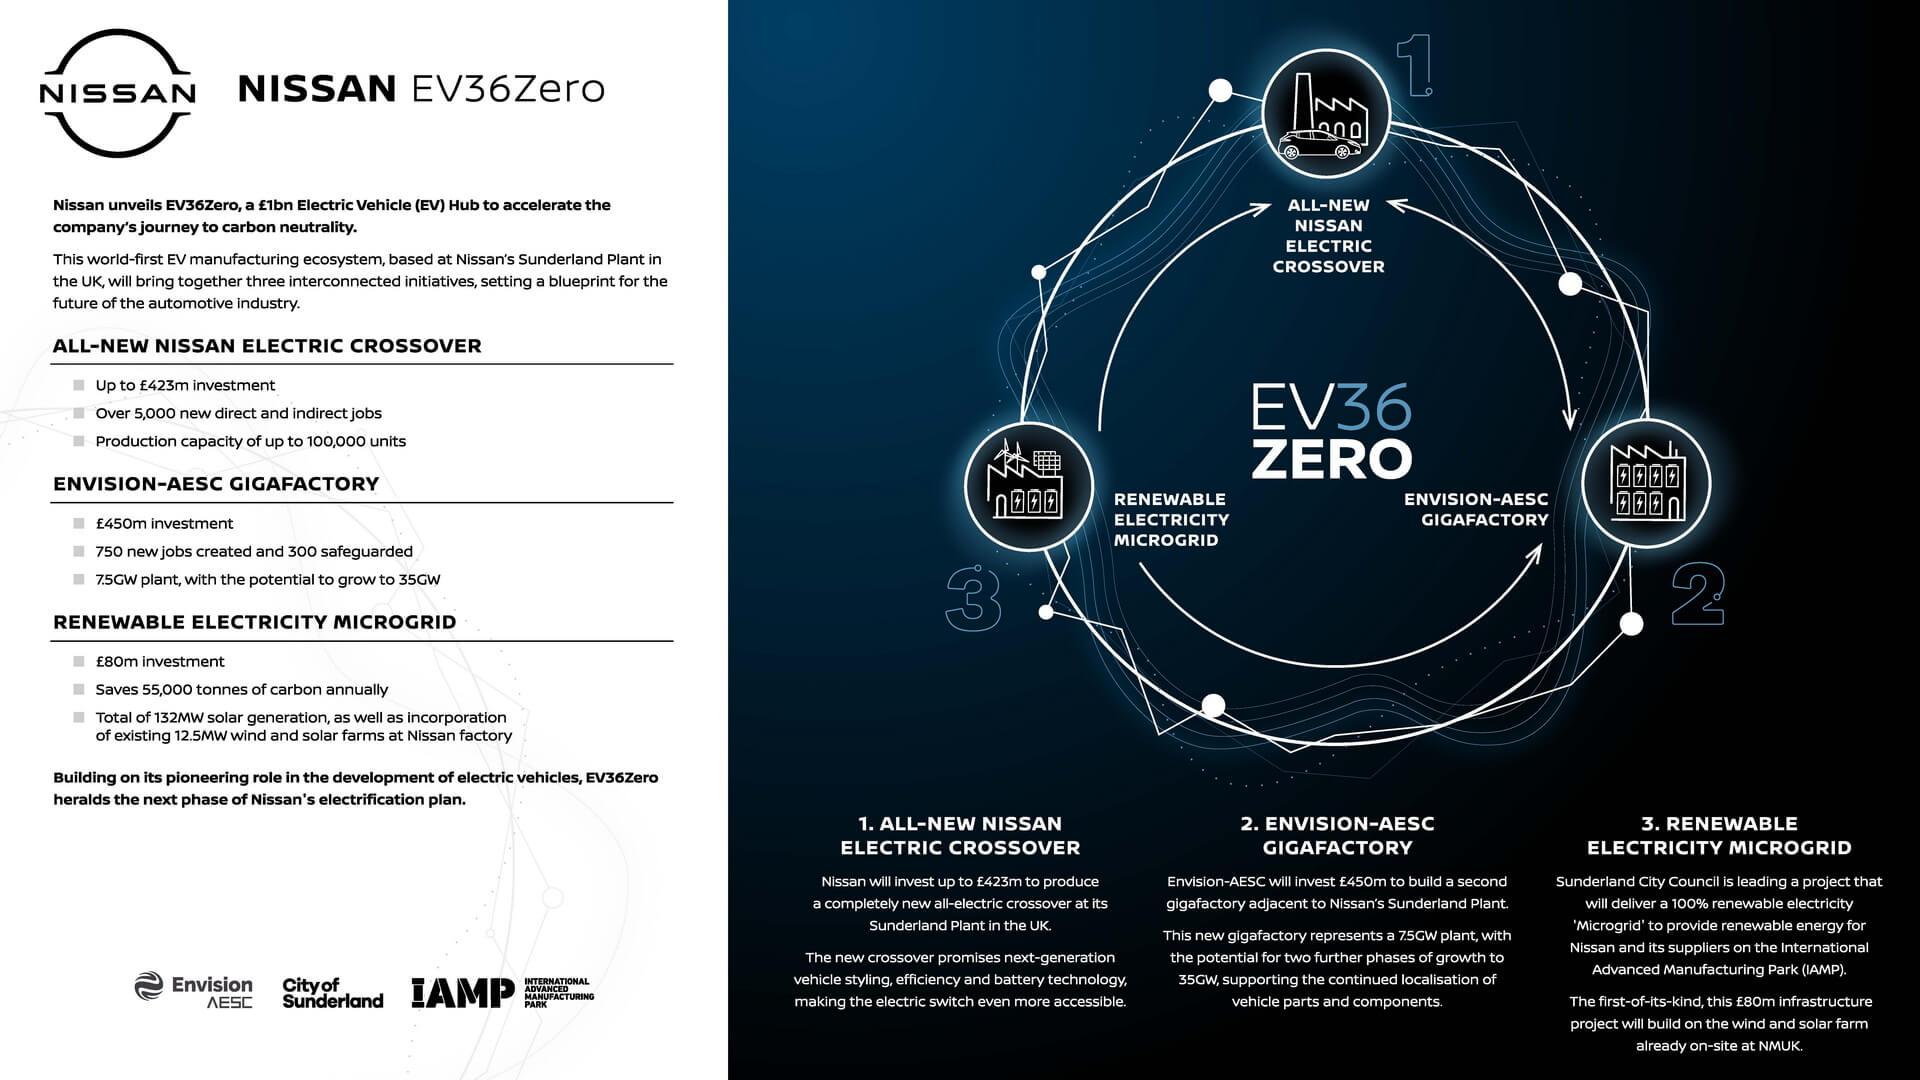 Nissan представляет EV36Zero – новый комплекс по производству электромобилей в Европе